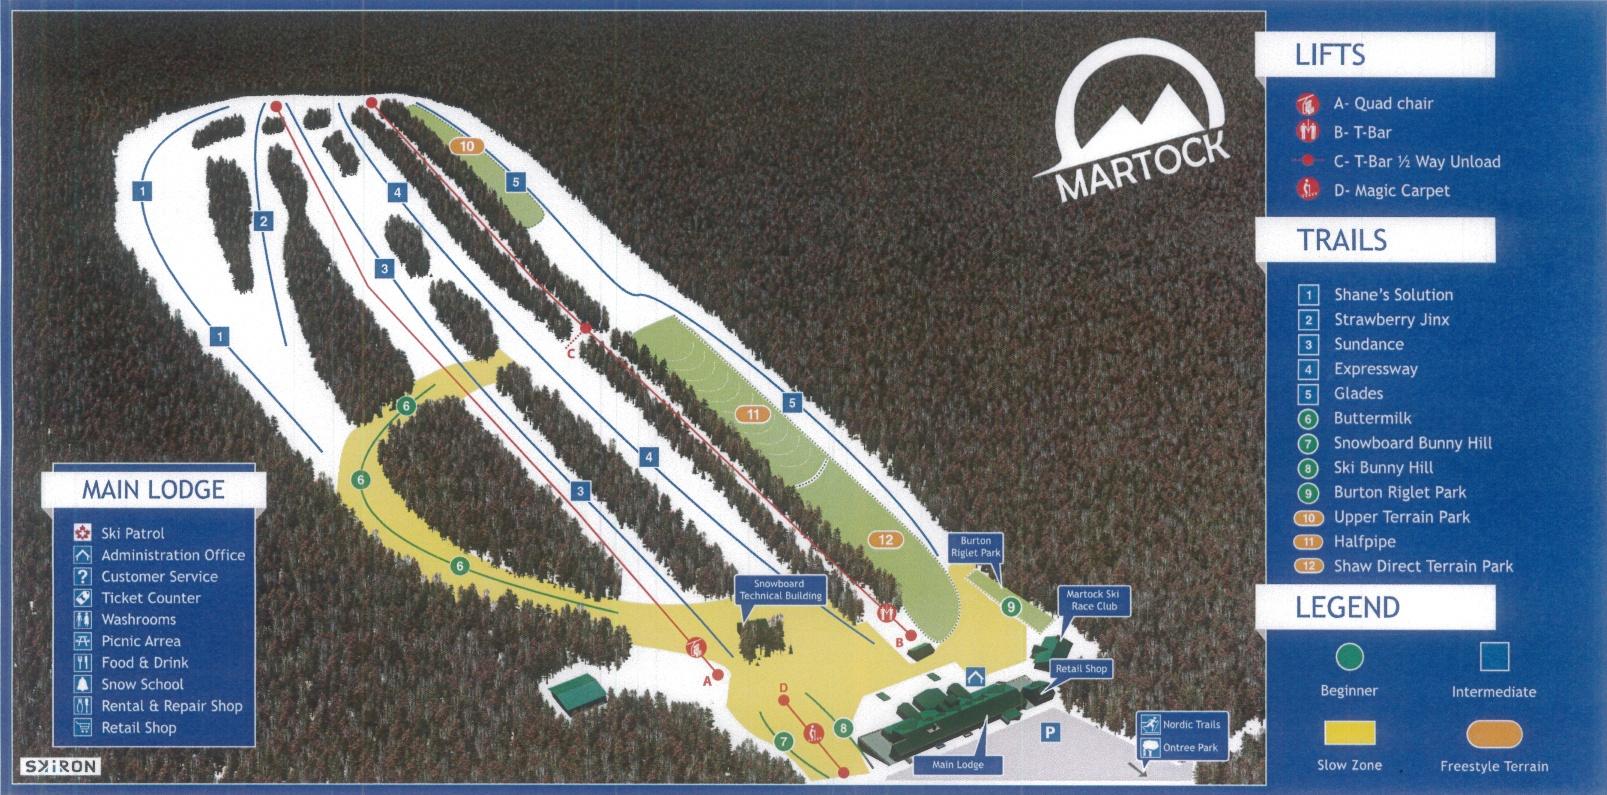 Alpine Trail Map at Ski Martock NS